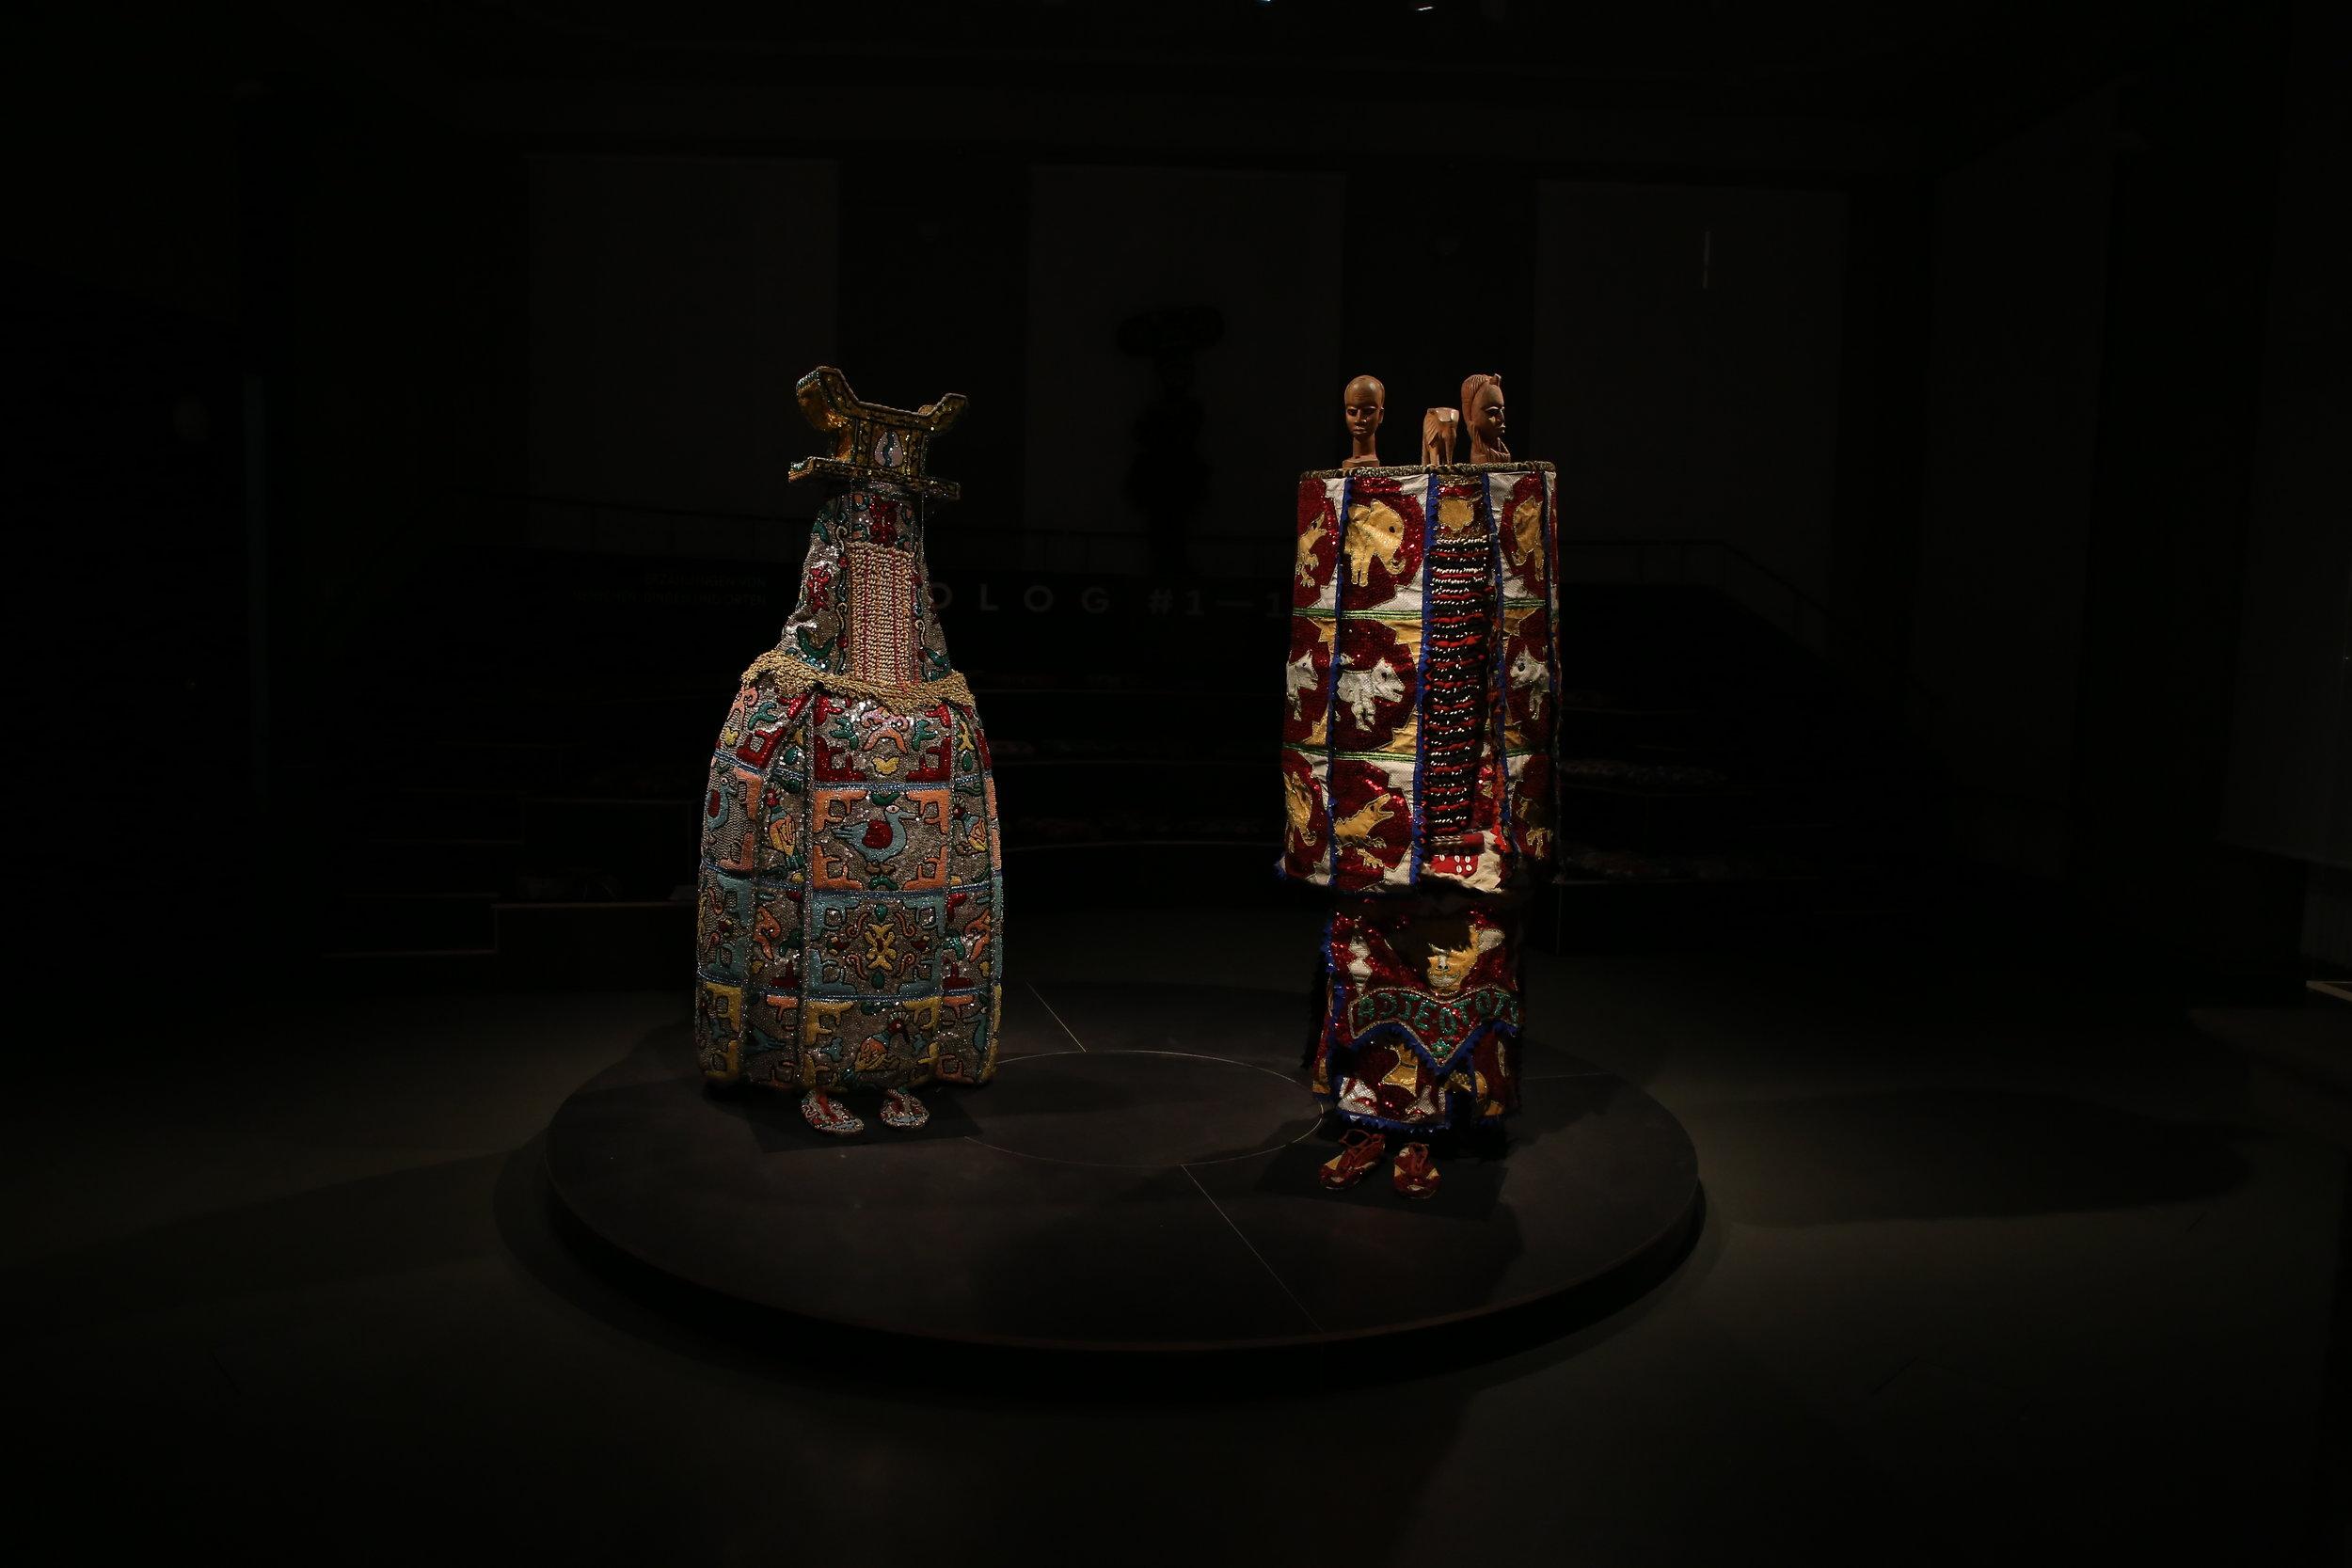 - 19.12.2017: Neue Exponate im Prolog!Sind Sie neugierig, welche Geschichten diese zwei zeitgenössischen Egungun-Maskenanzüge erzählen? Dann kommen Sie vorbei und erfahren Sie mehr über die Yoruba und das Ritual der Wiederkehr.